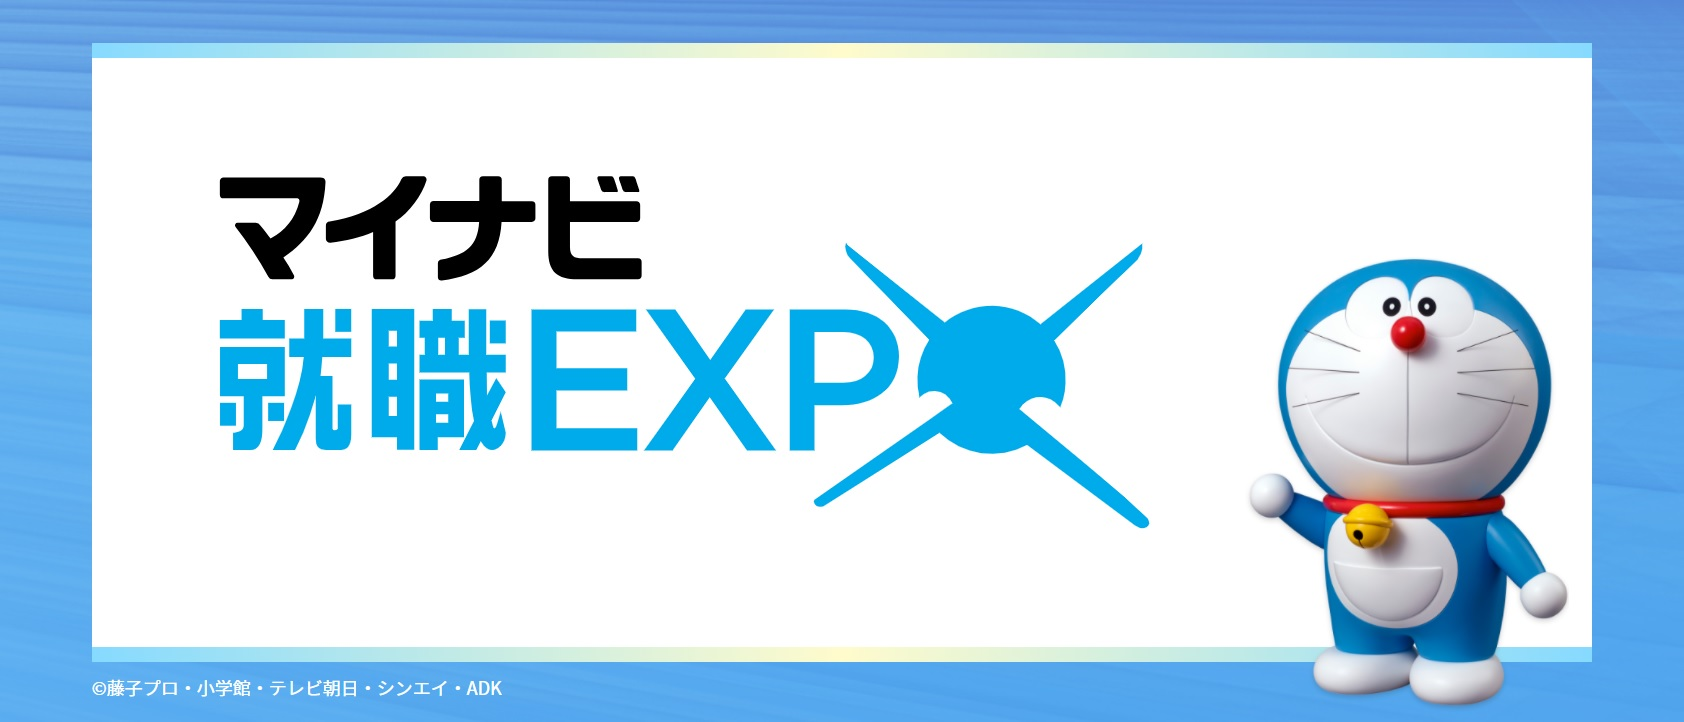 Expo%e7%90%86%e7%b3%bb